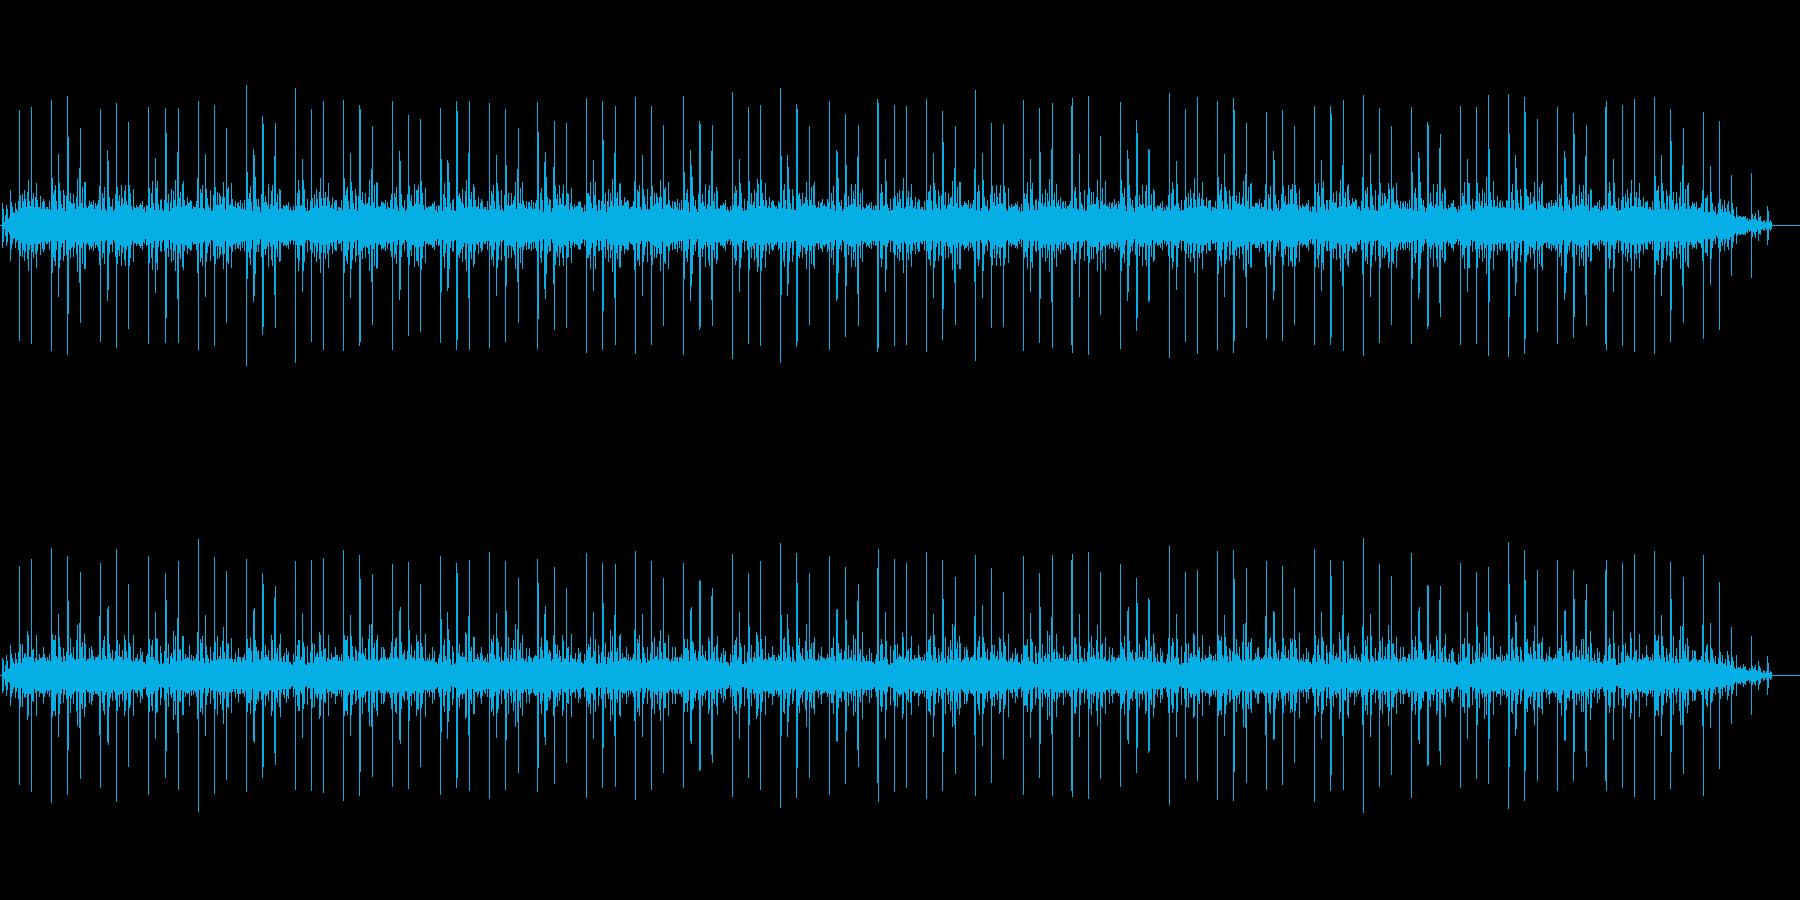 バネを作る機械の動作音02の再生済みの波形